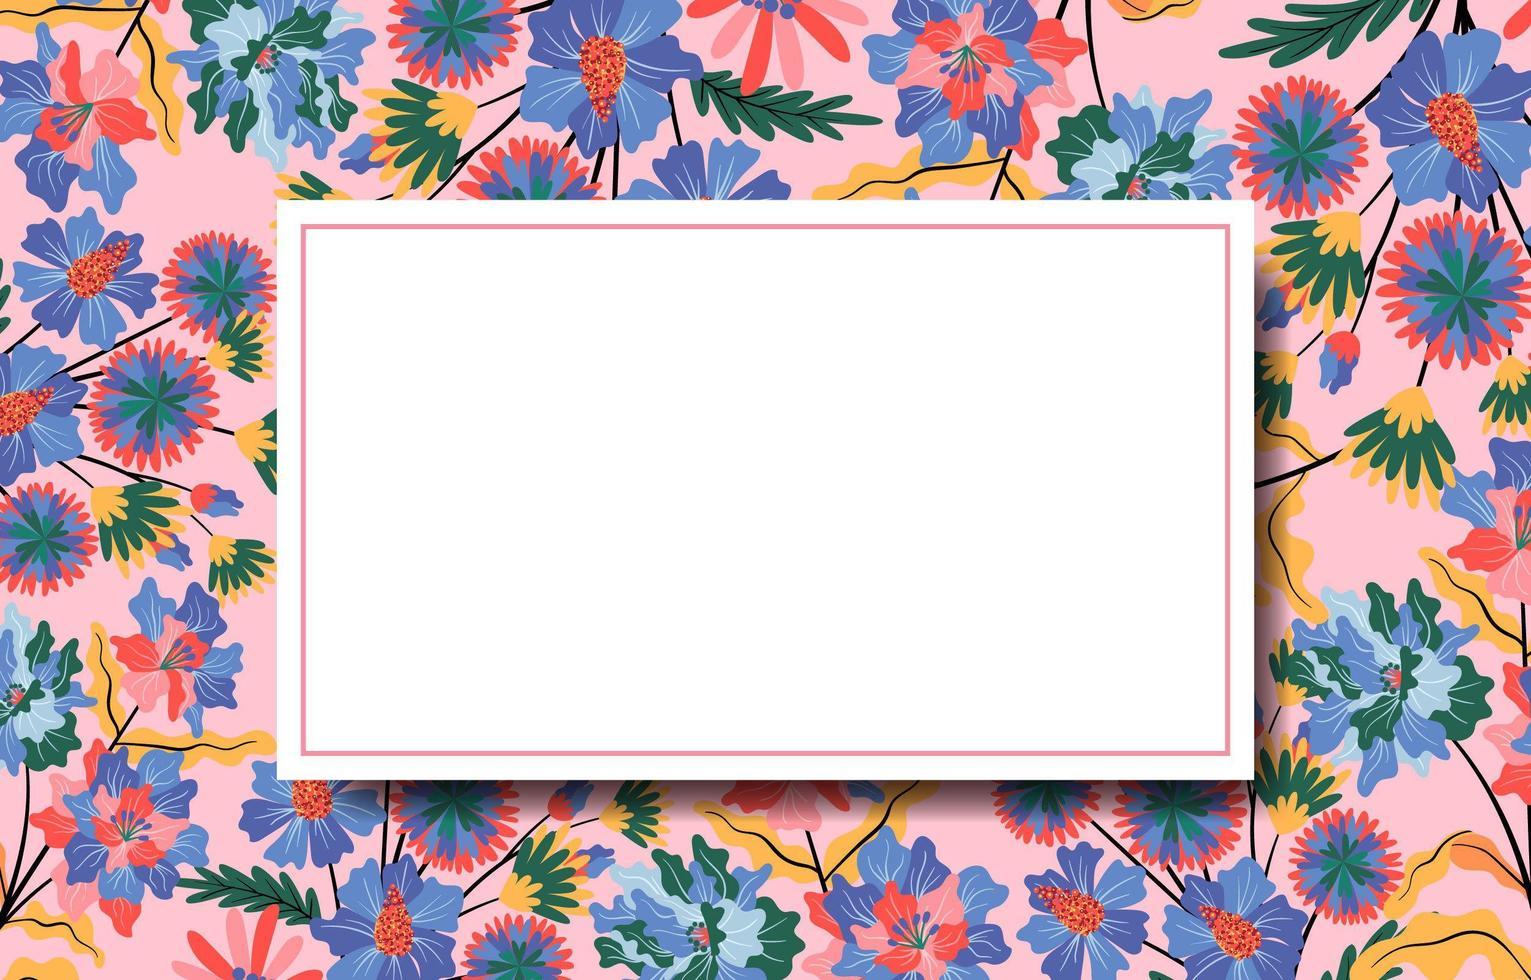 sfondo floreale naturale con cornice bianca al centro vettore